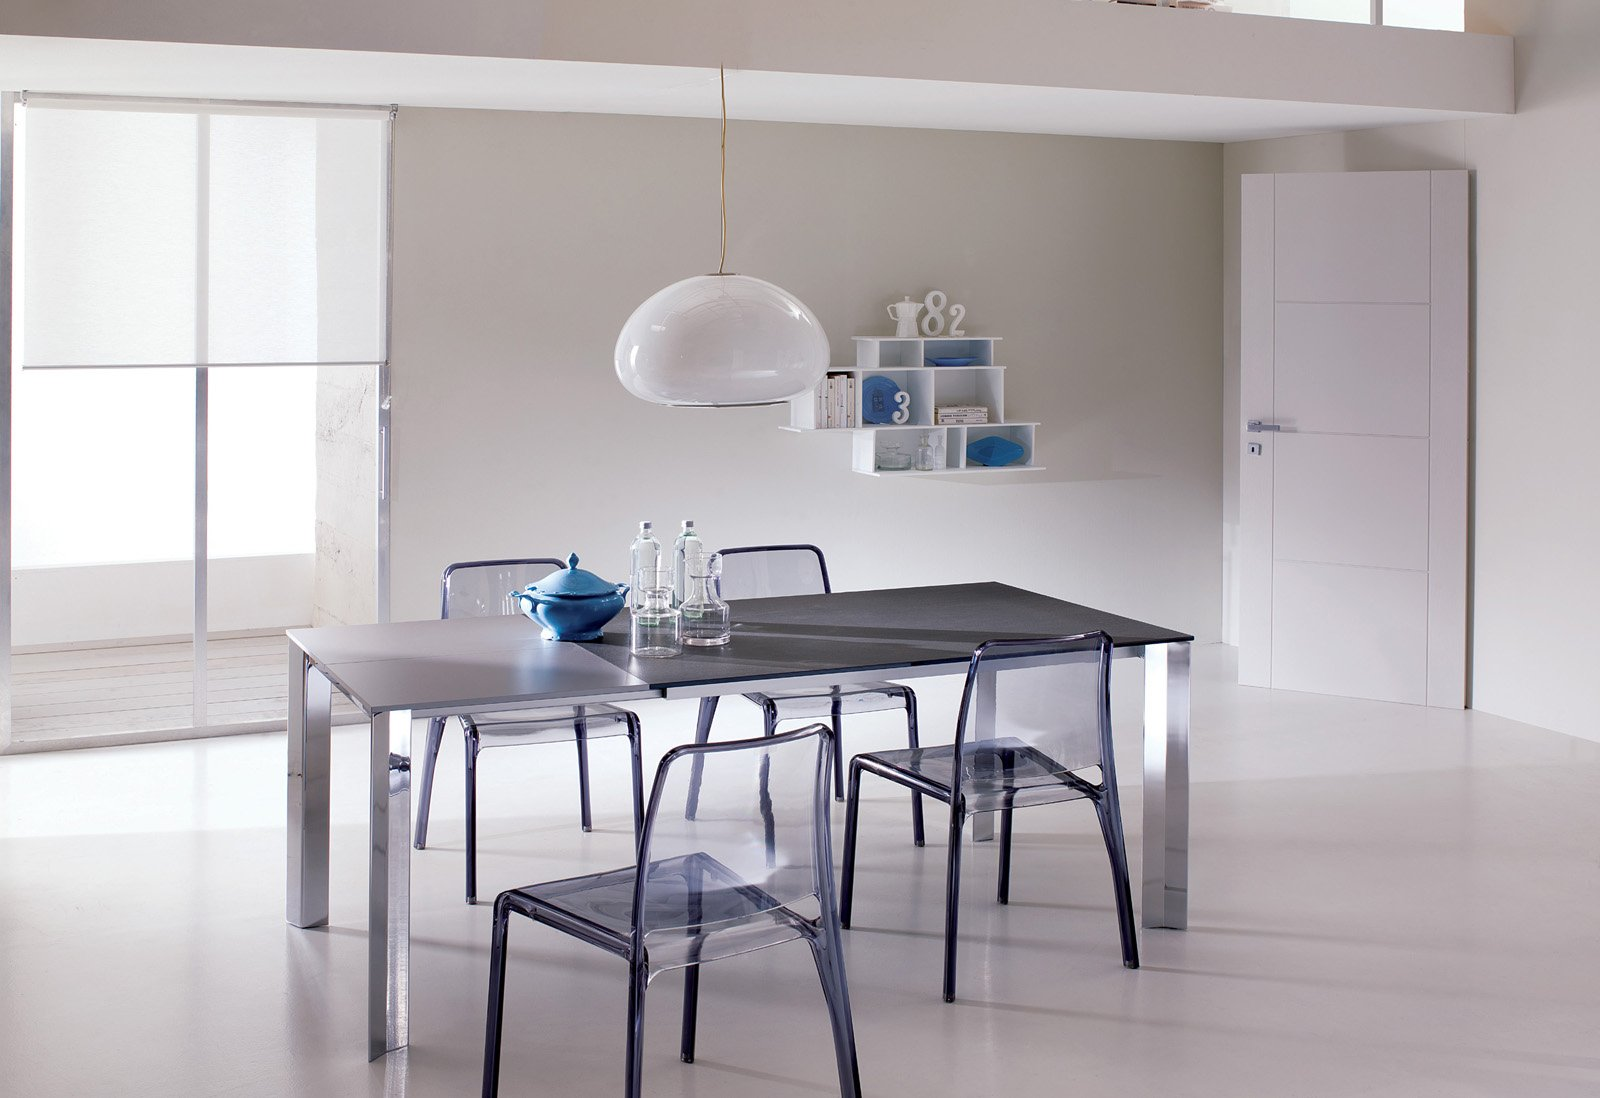 Tavoli e sedie per cucina o soggiorno cose di casa - Tavoli da cucina design ...